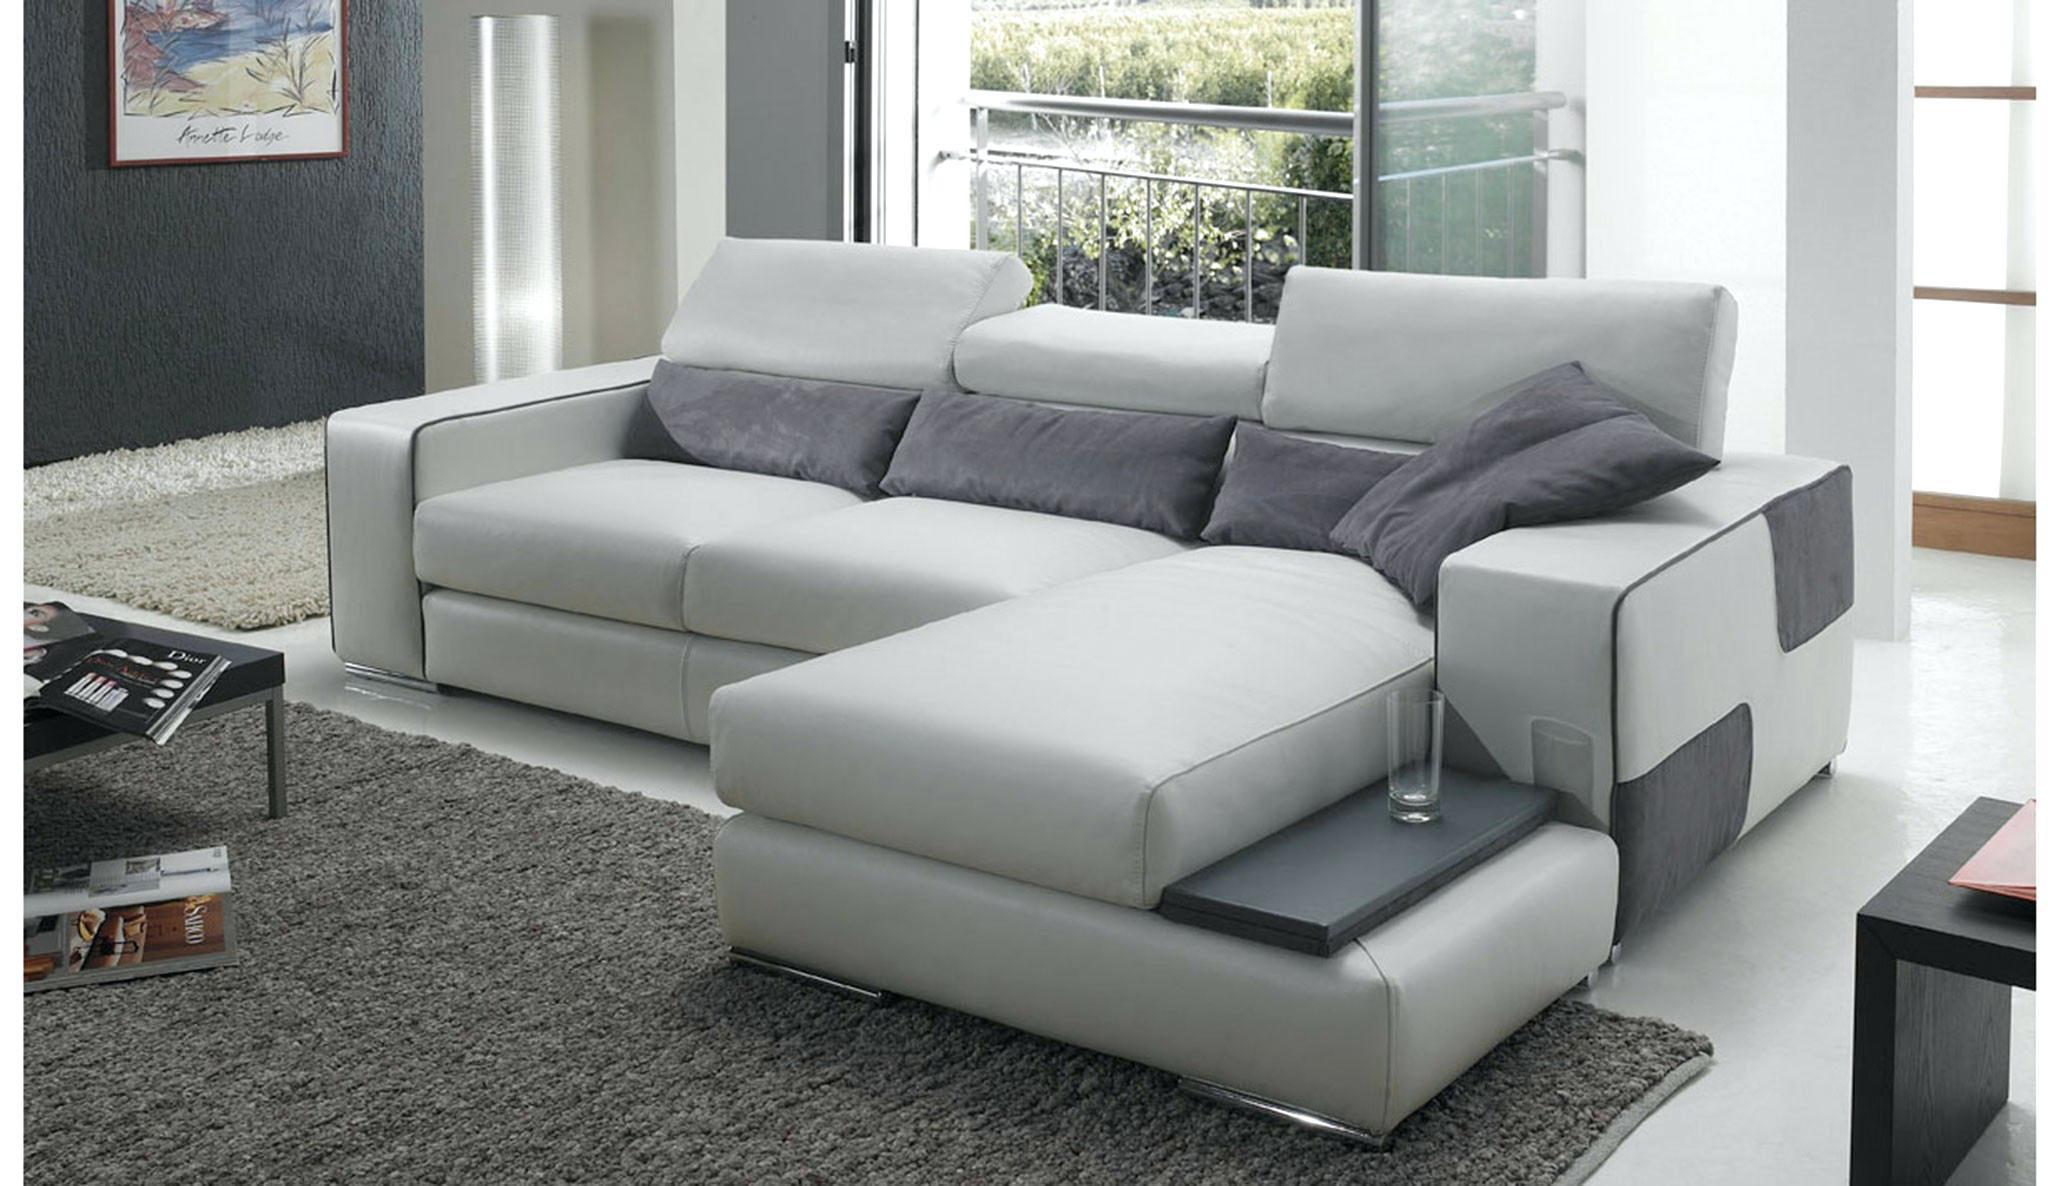 Canape Cuir Italien solde Frais Photographie Canap Italien sofa Stunning Canap Design Italien with Canap Italien